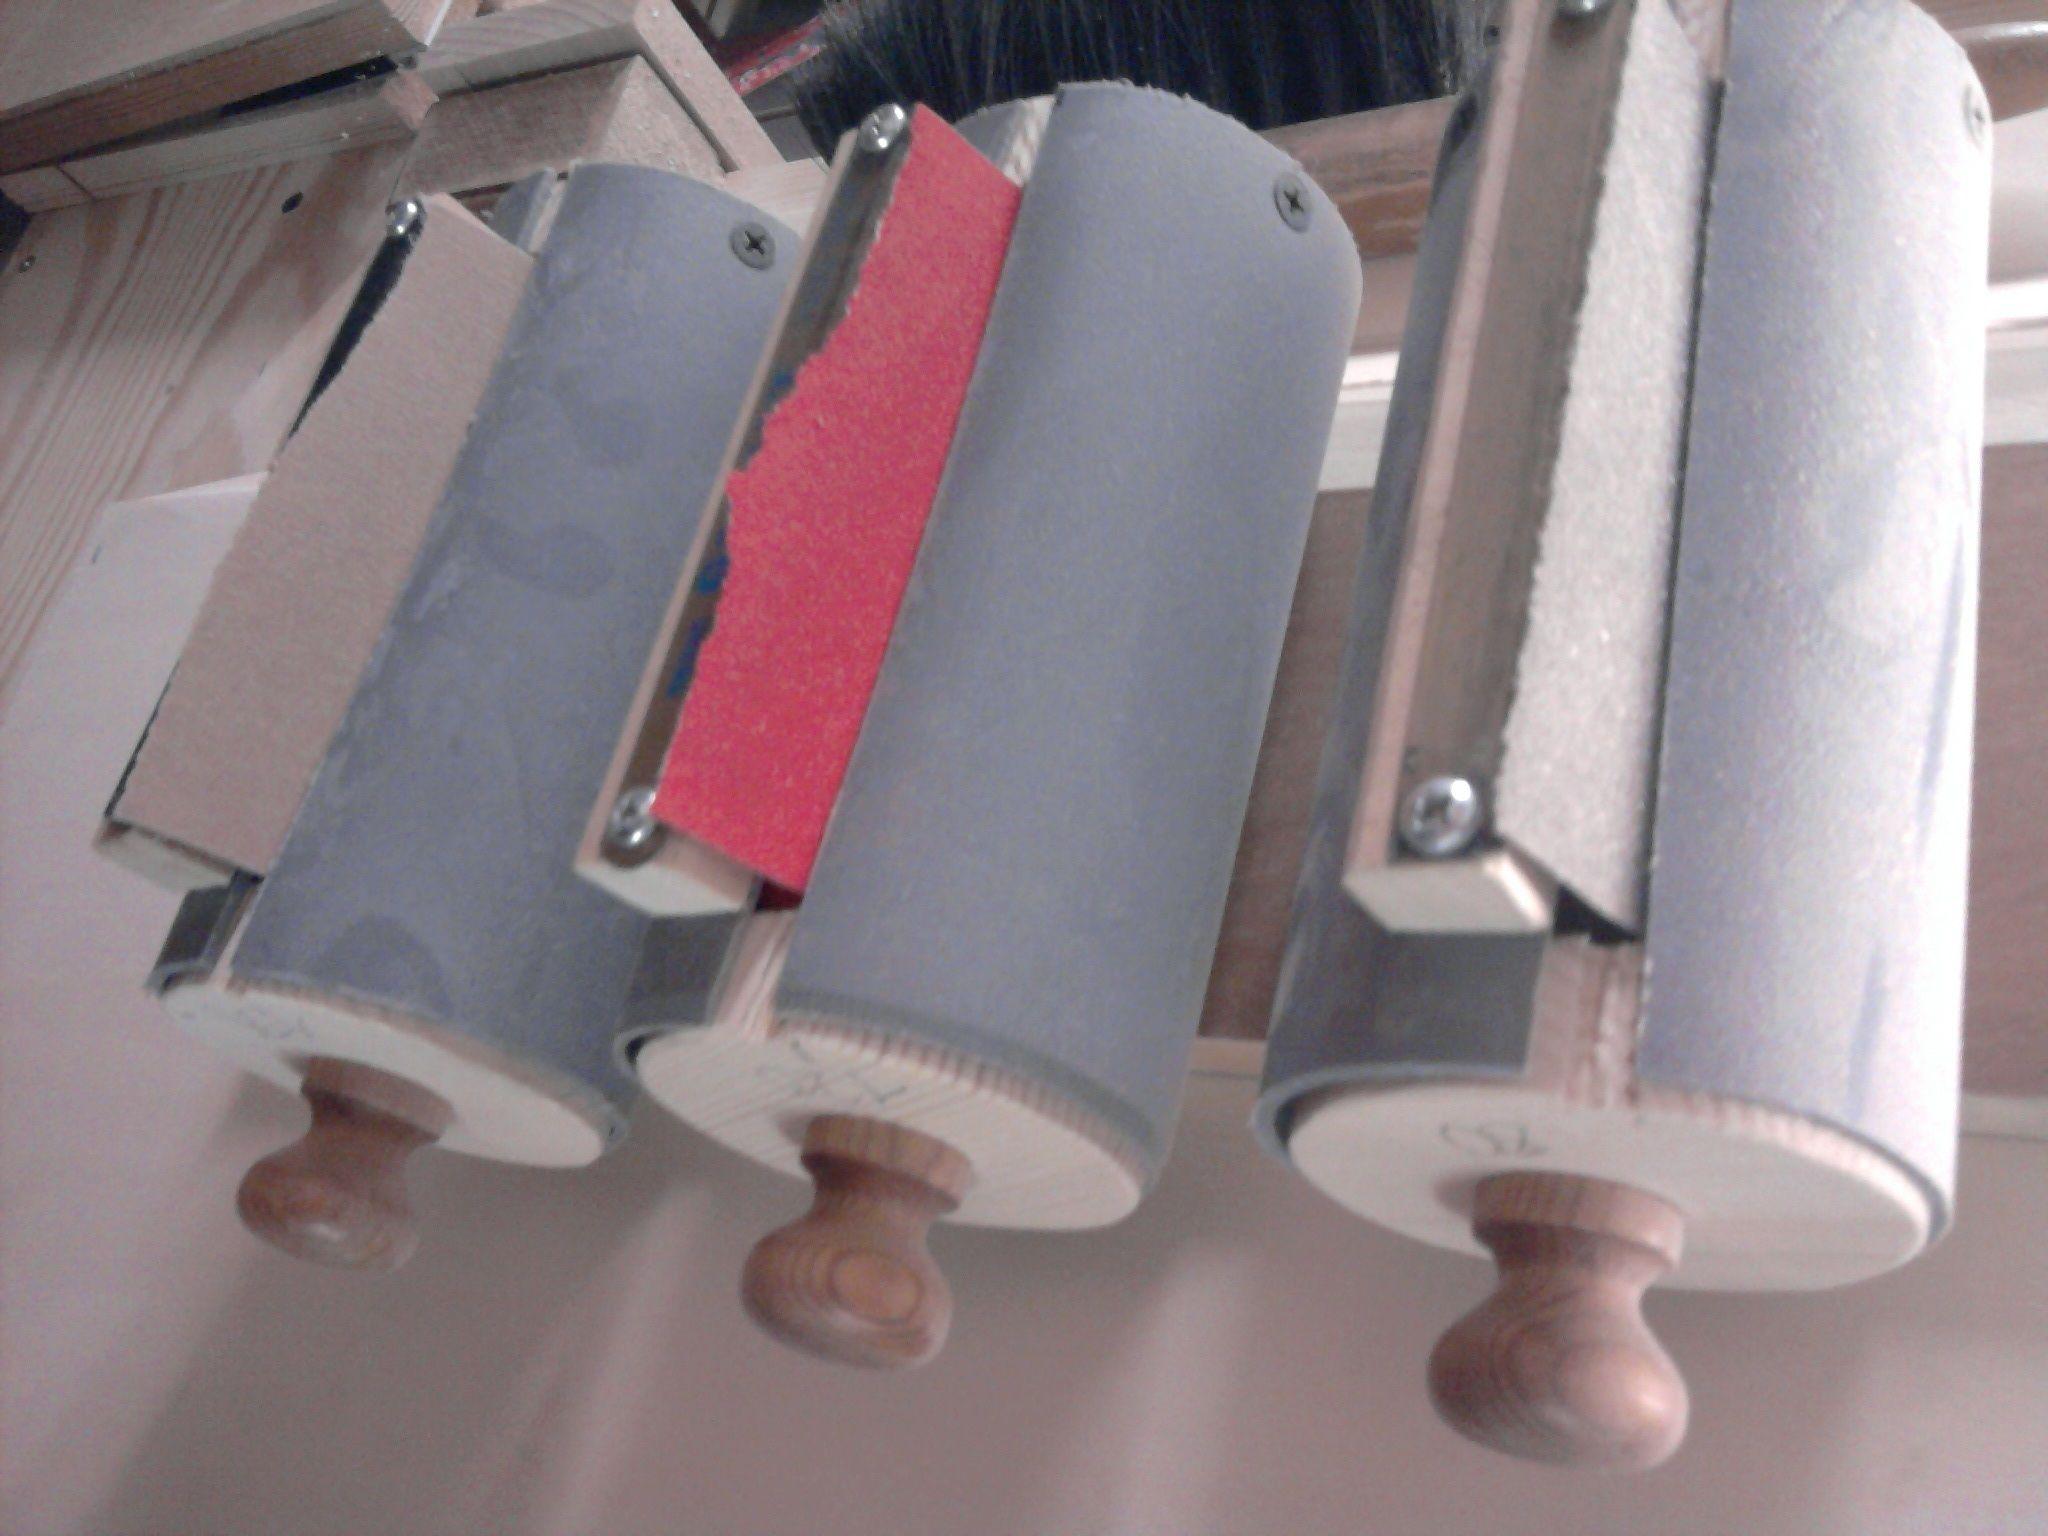 Schleifpapierhalter Bauanleitung zum selber bauen | Projekte ...